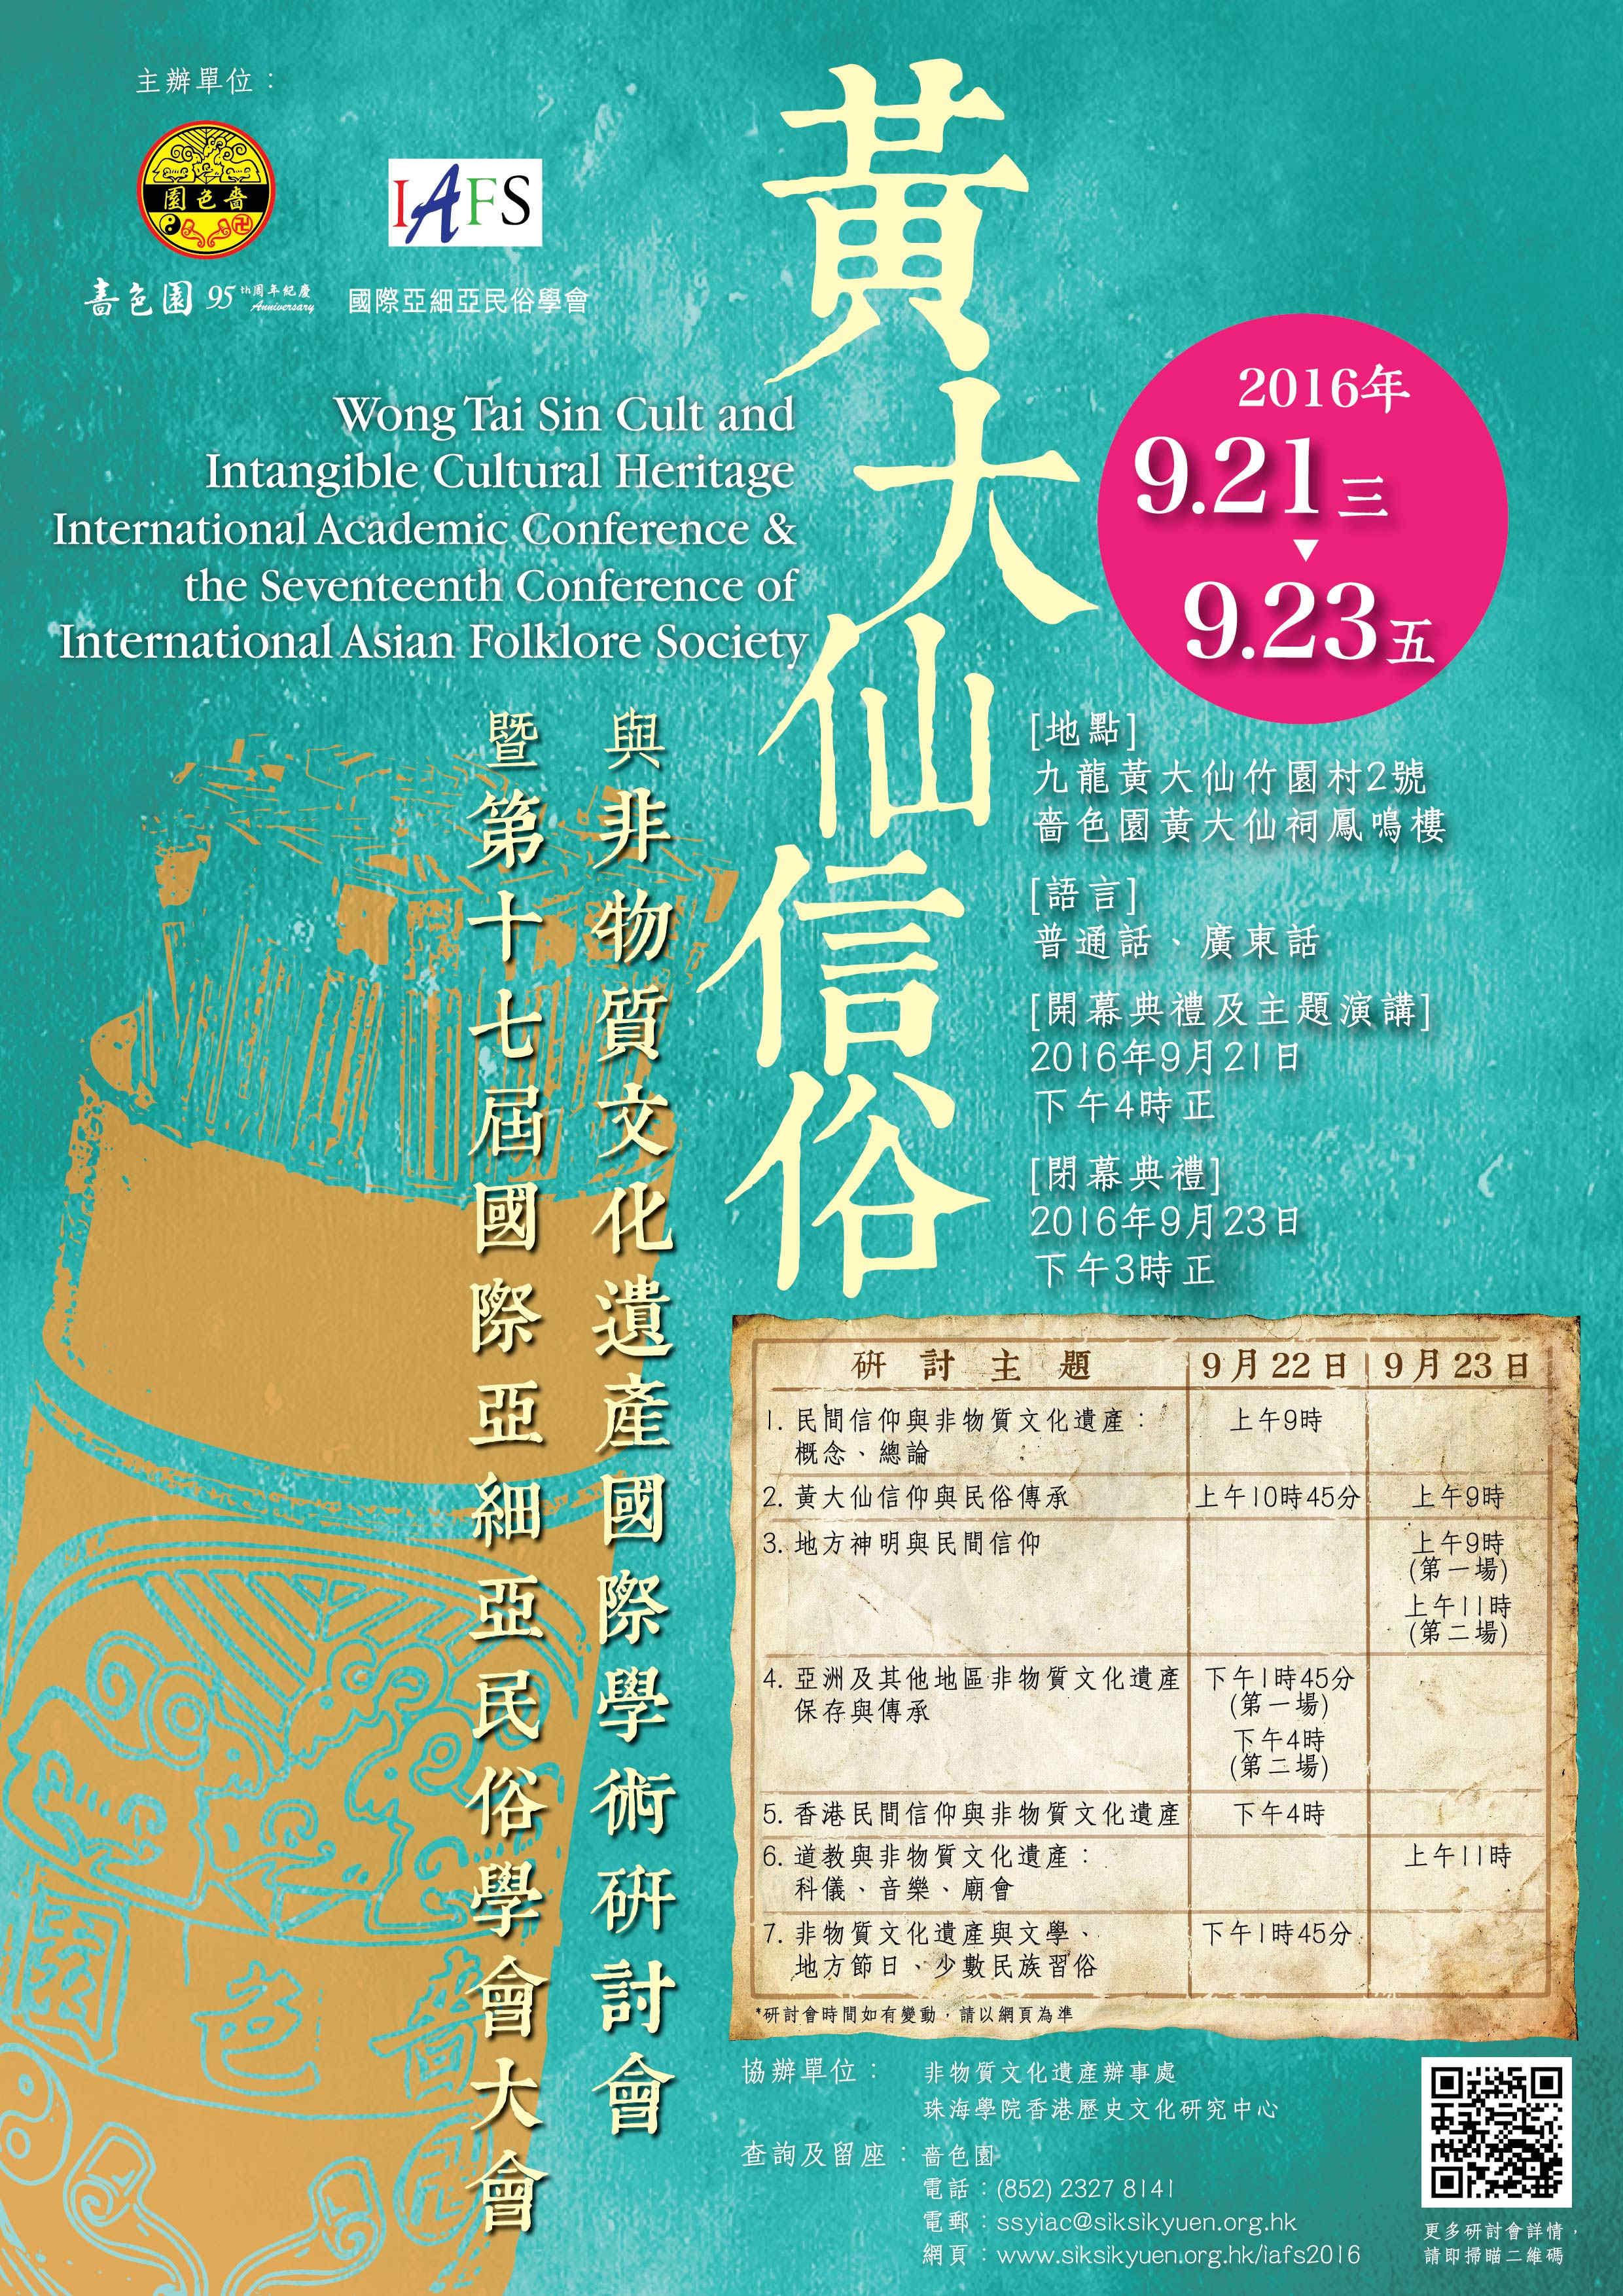 啬色园将举办黄大仙信俗与非遗国际学术研讨会